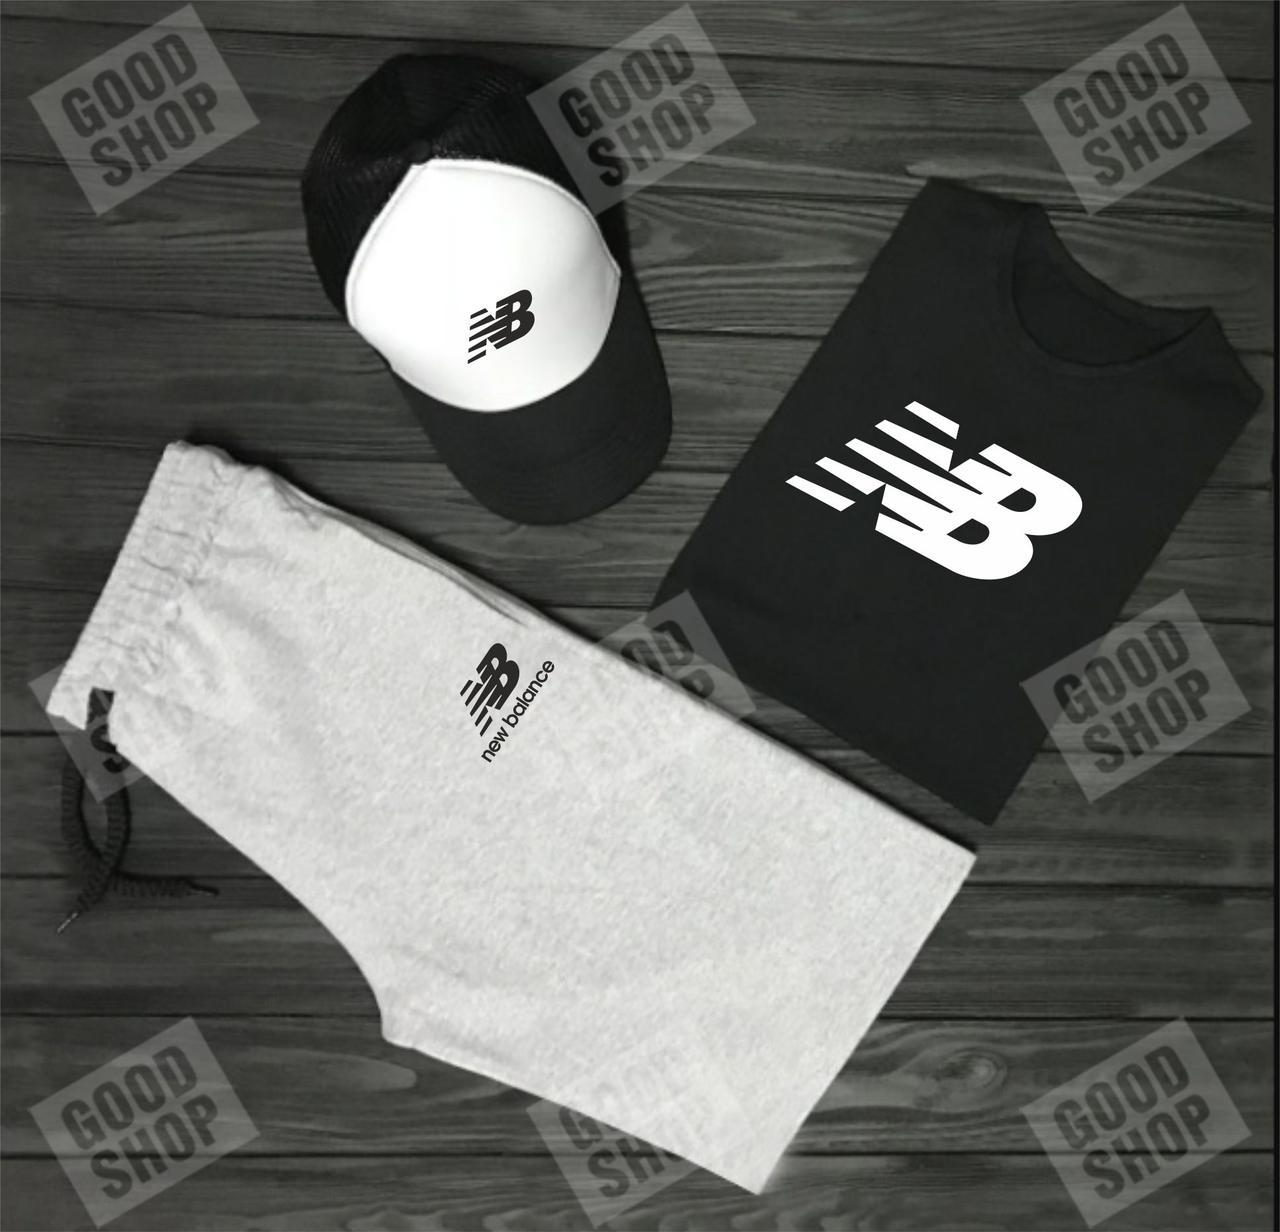 Мужской комплект футболка кепка и шорты New Balance черного, серого и белого цвета (люкс копия)